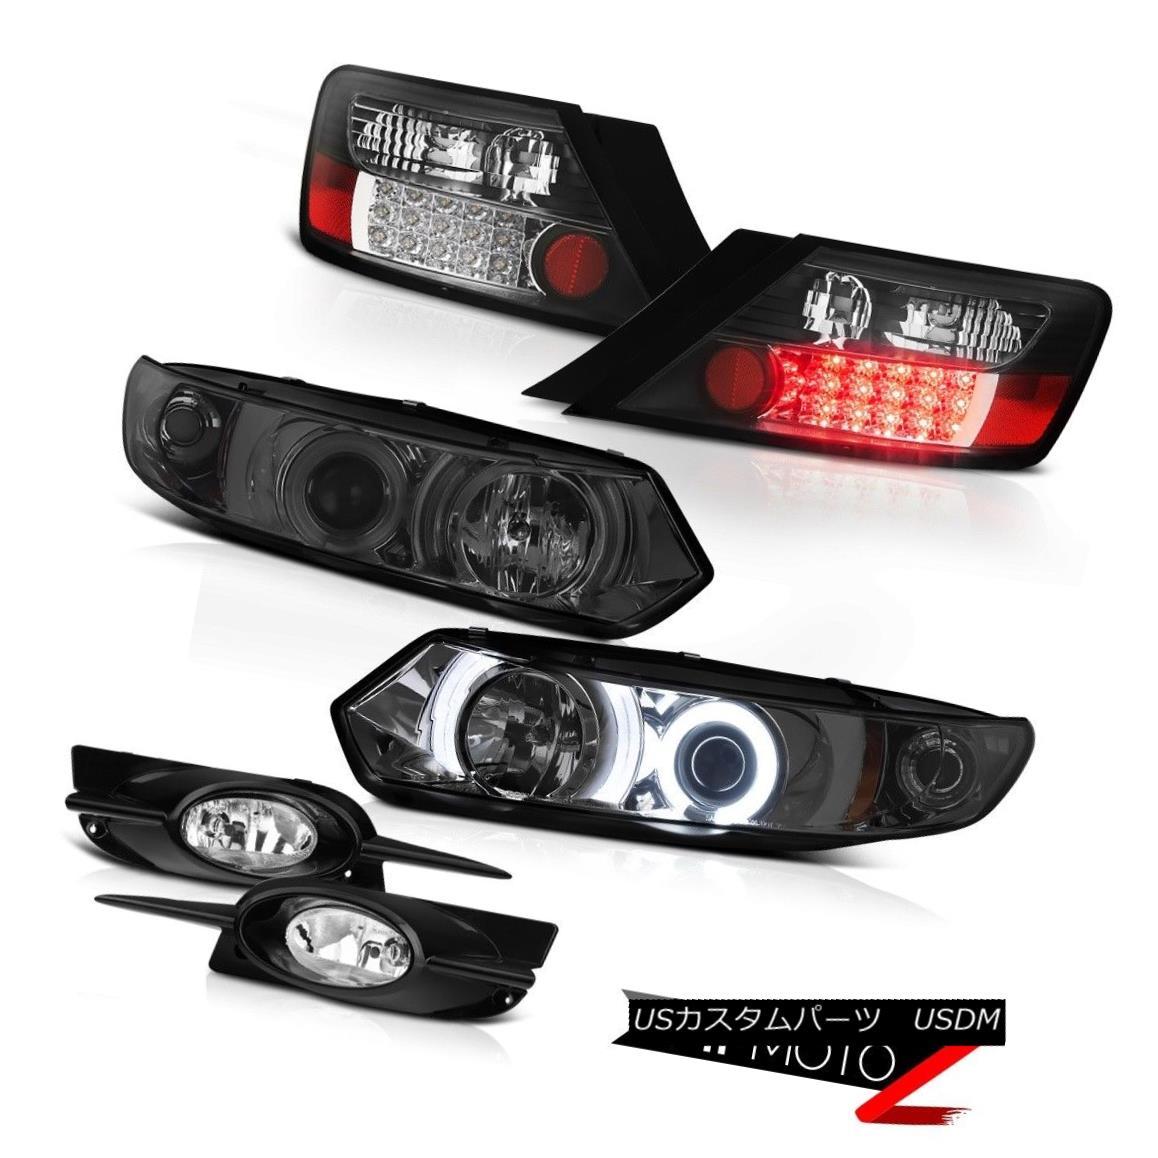 テールライト 09-11 Civic Coupe Dark CCFL Angel Eye Headlight BLACK LED Tail Light Driving Fog 09-11シビッククーペダークCCFLエンジェルアイヘッドライトブラックLEDテールライトドライビングフォグ